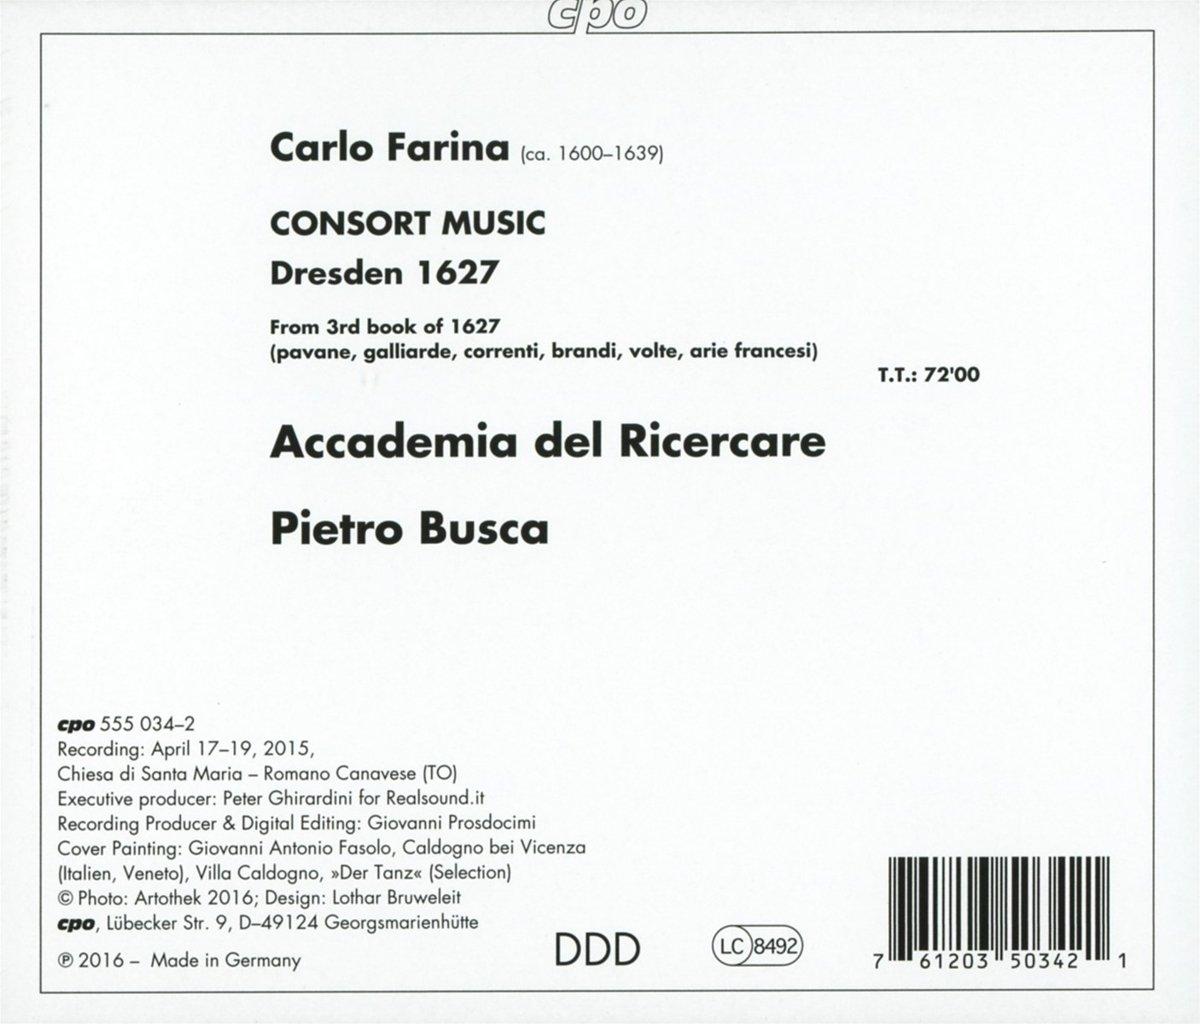 125ef59d5c7b Farina:Consort Music [Accademia del Ricercare,Pietro Busca] [CPO:  555034-2]: Amazon.co.uk: Music